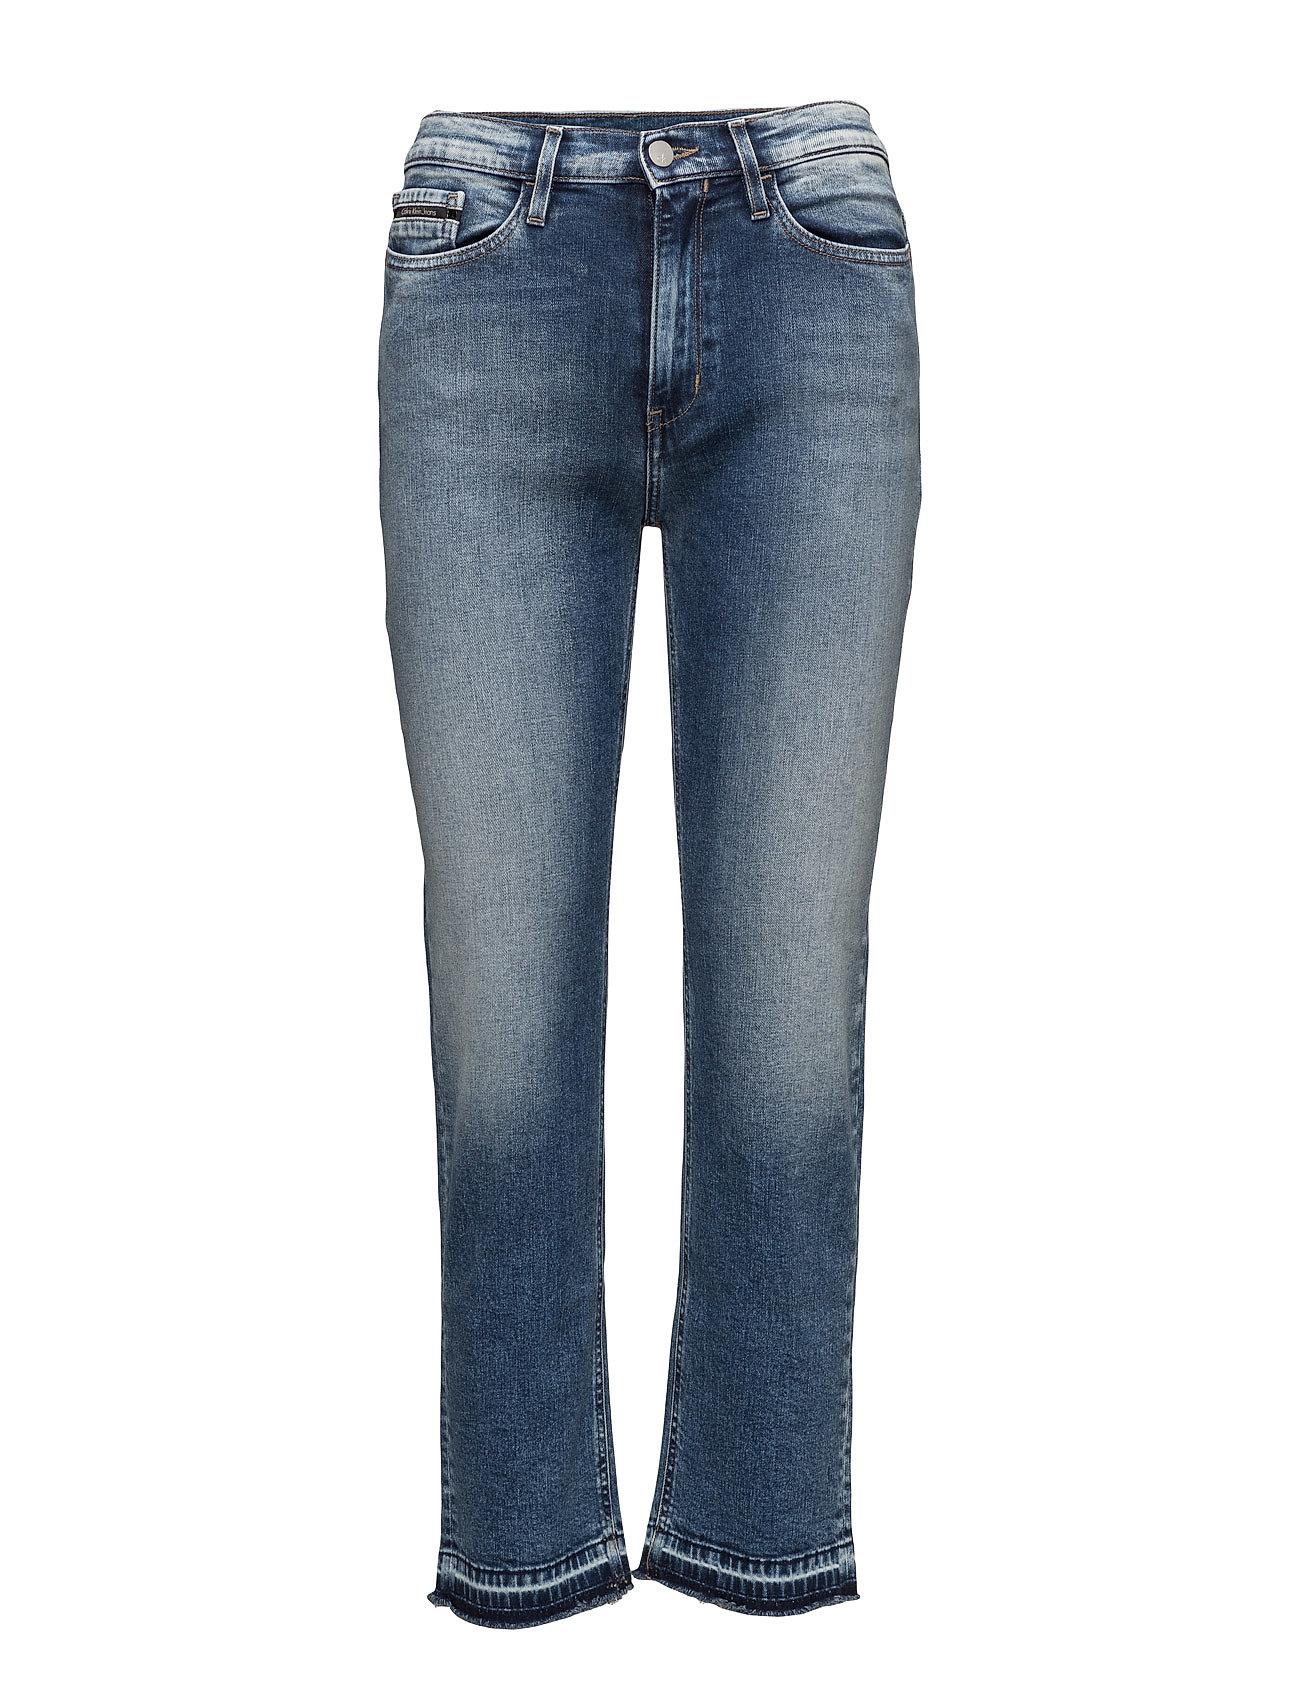 Hr straight ankle -, fra calvin klein jeans på boozt.com dk